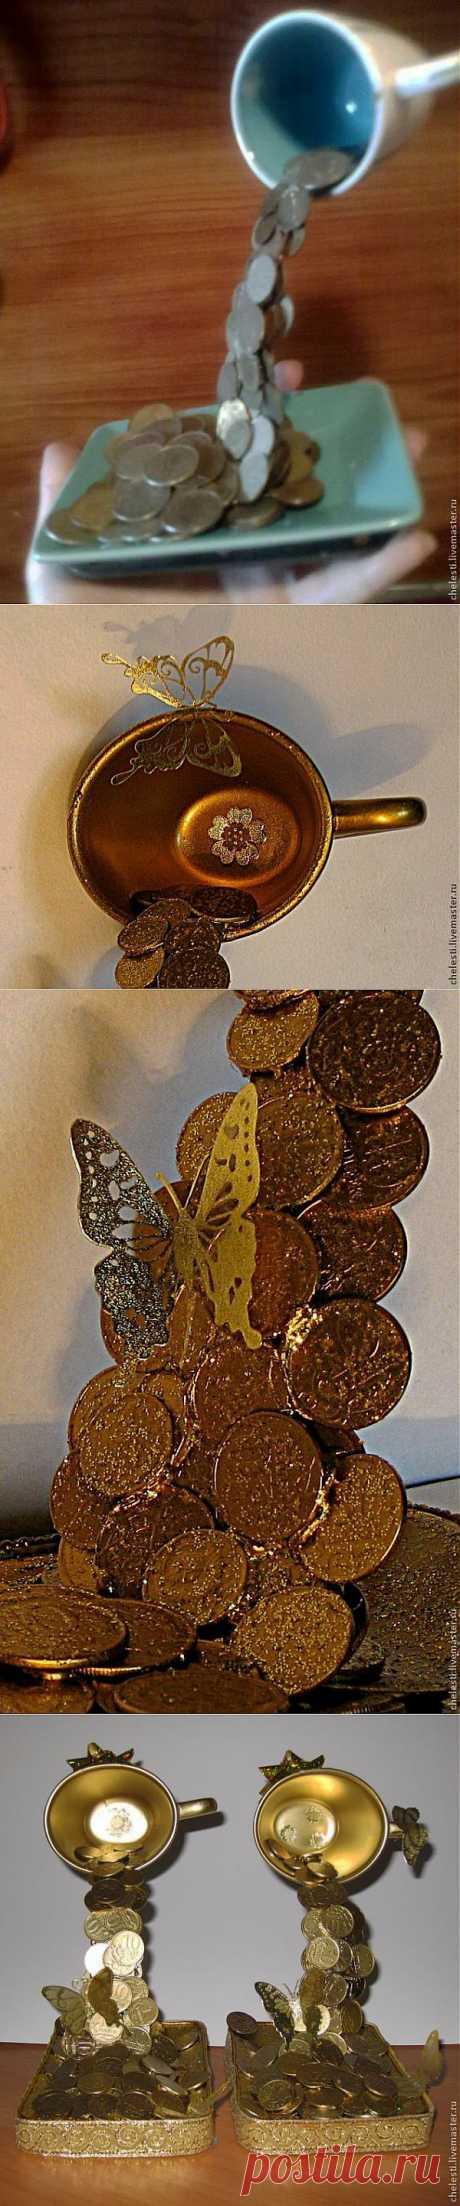 """Мастер-класс: сувенир """"Чтобы деньги лились рекой"""" - Ярмарка Мастеров - ручная работа, handmade"""